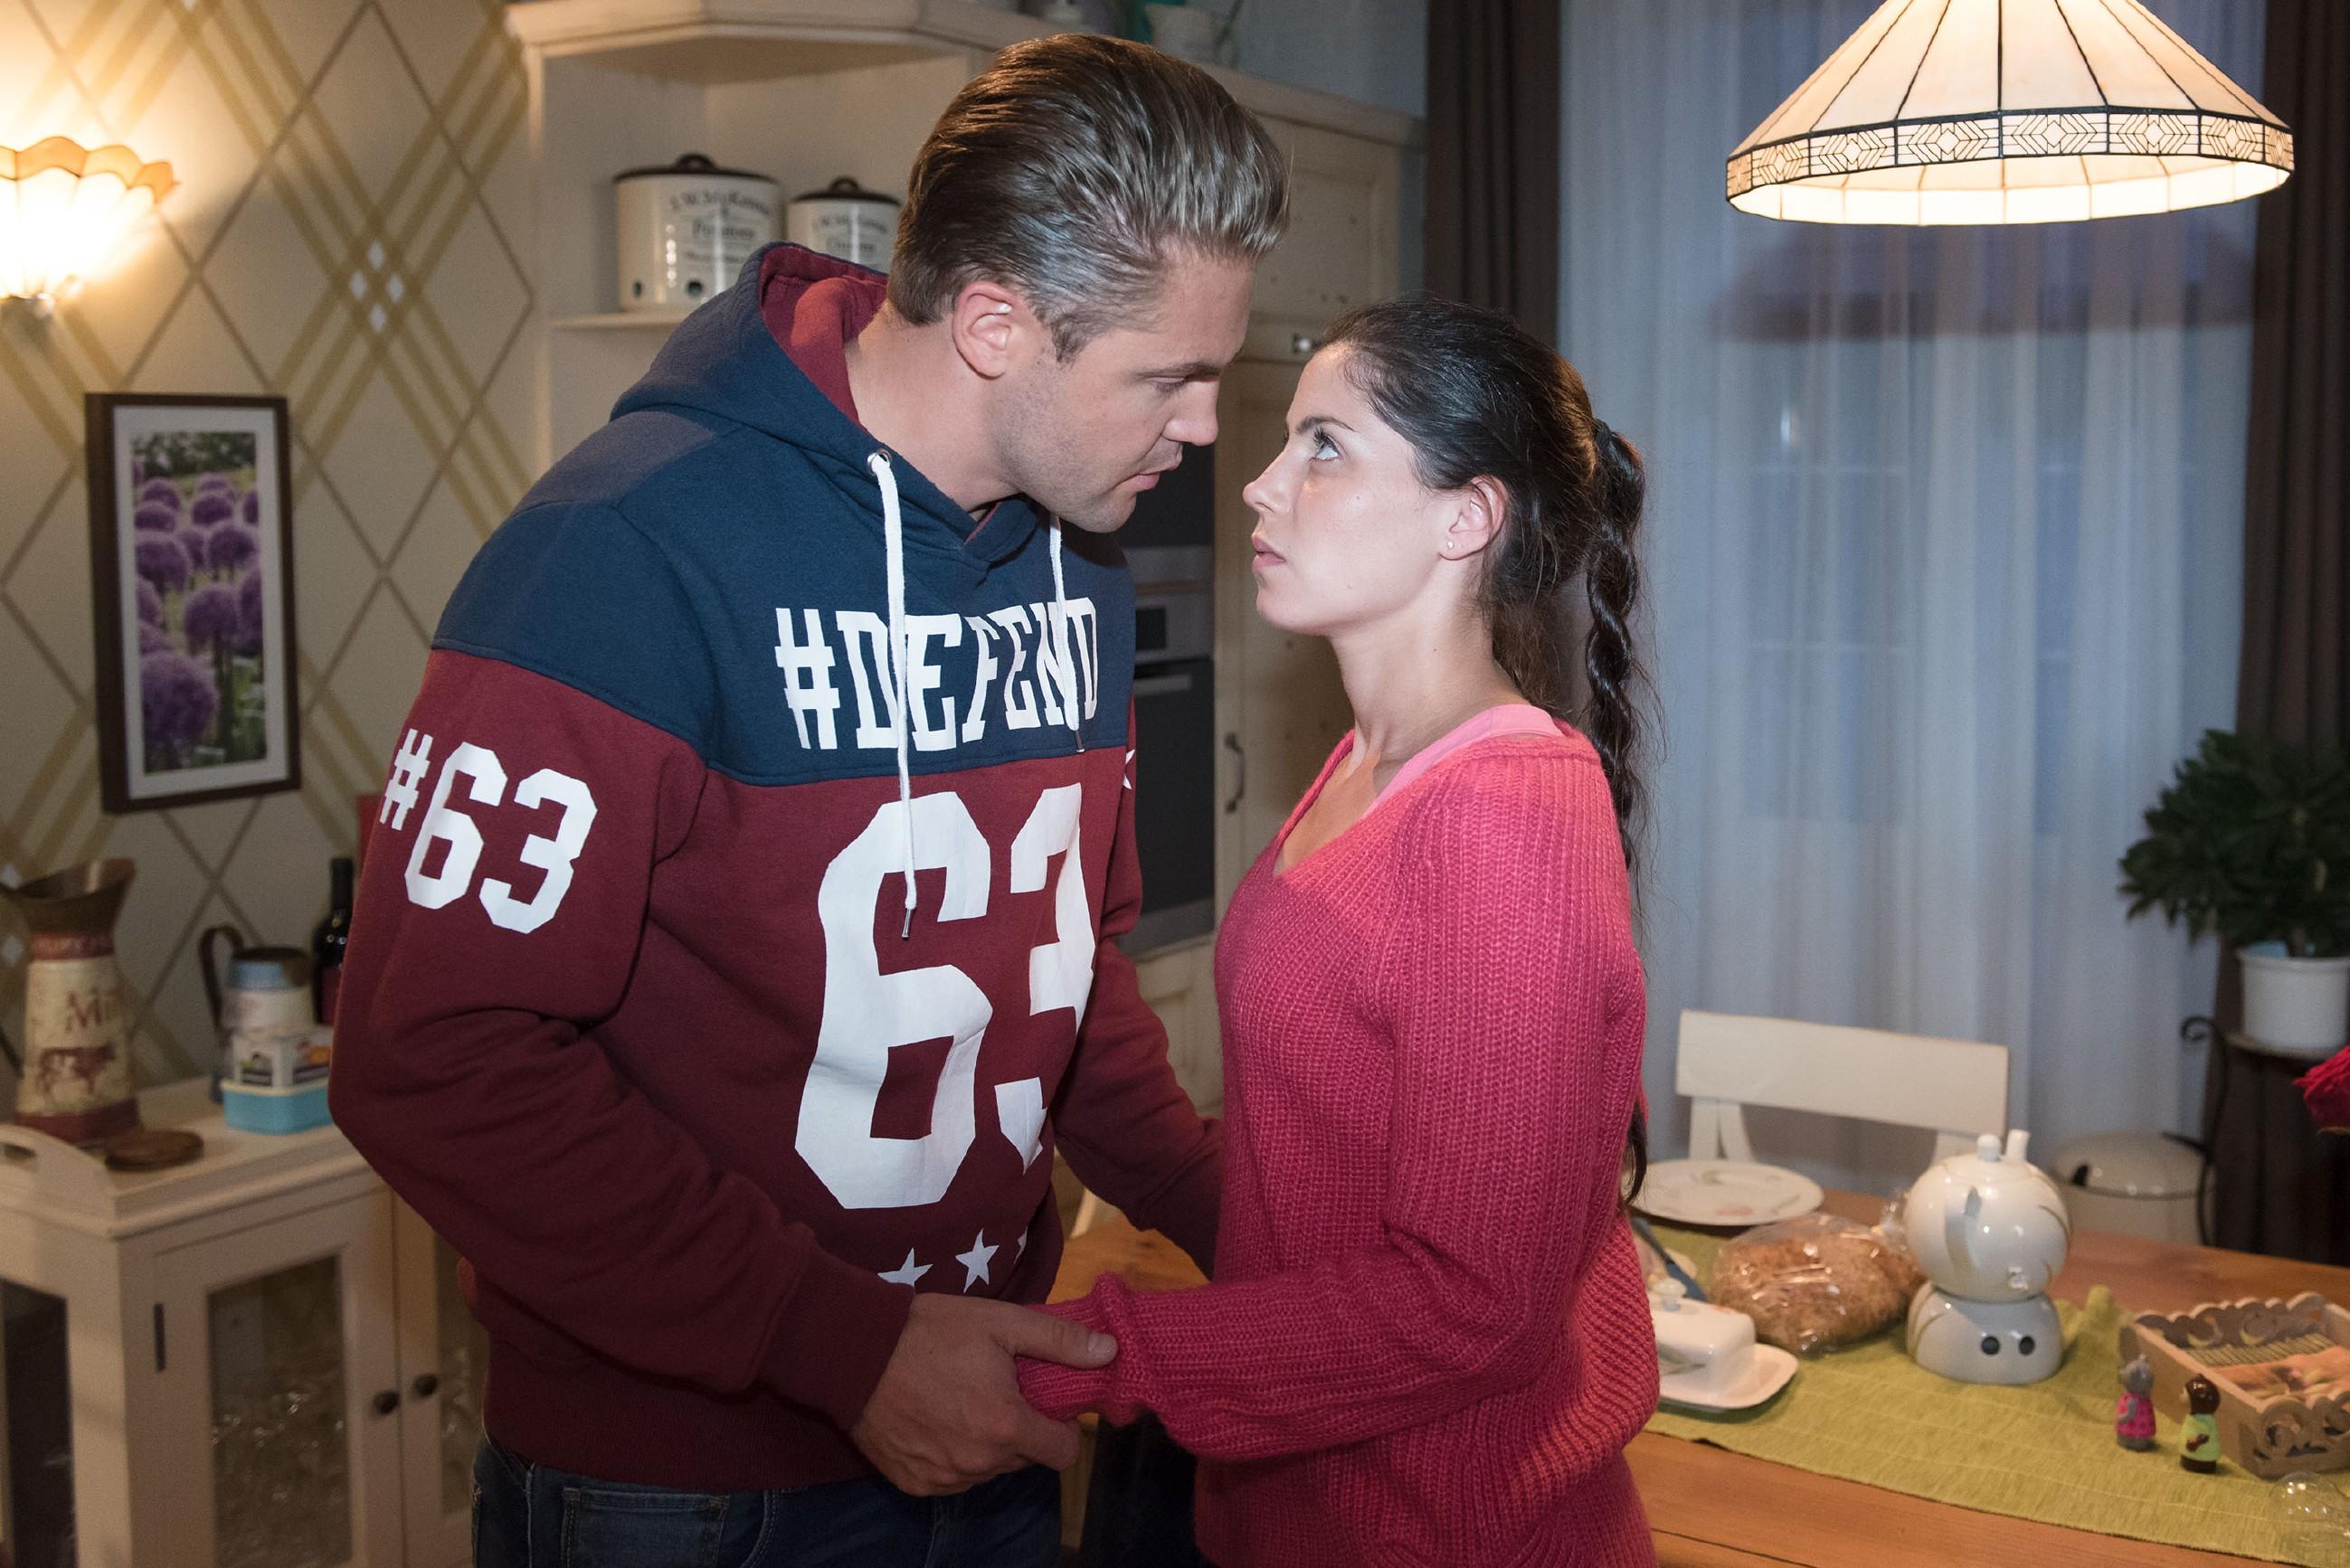 Als sich durch einen kleinen Unfall ein Moment der Nähe zwischen Bambi (Benjamin Heinrich) und Sina (Valea Katharina Scalabrino) einstellt, ist Sina in großer Versuchung, Bambi zu küssen... (Quelle: RTL / Stefan Behrens)